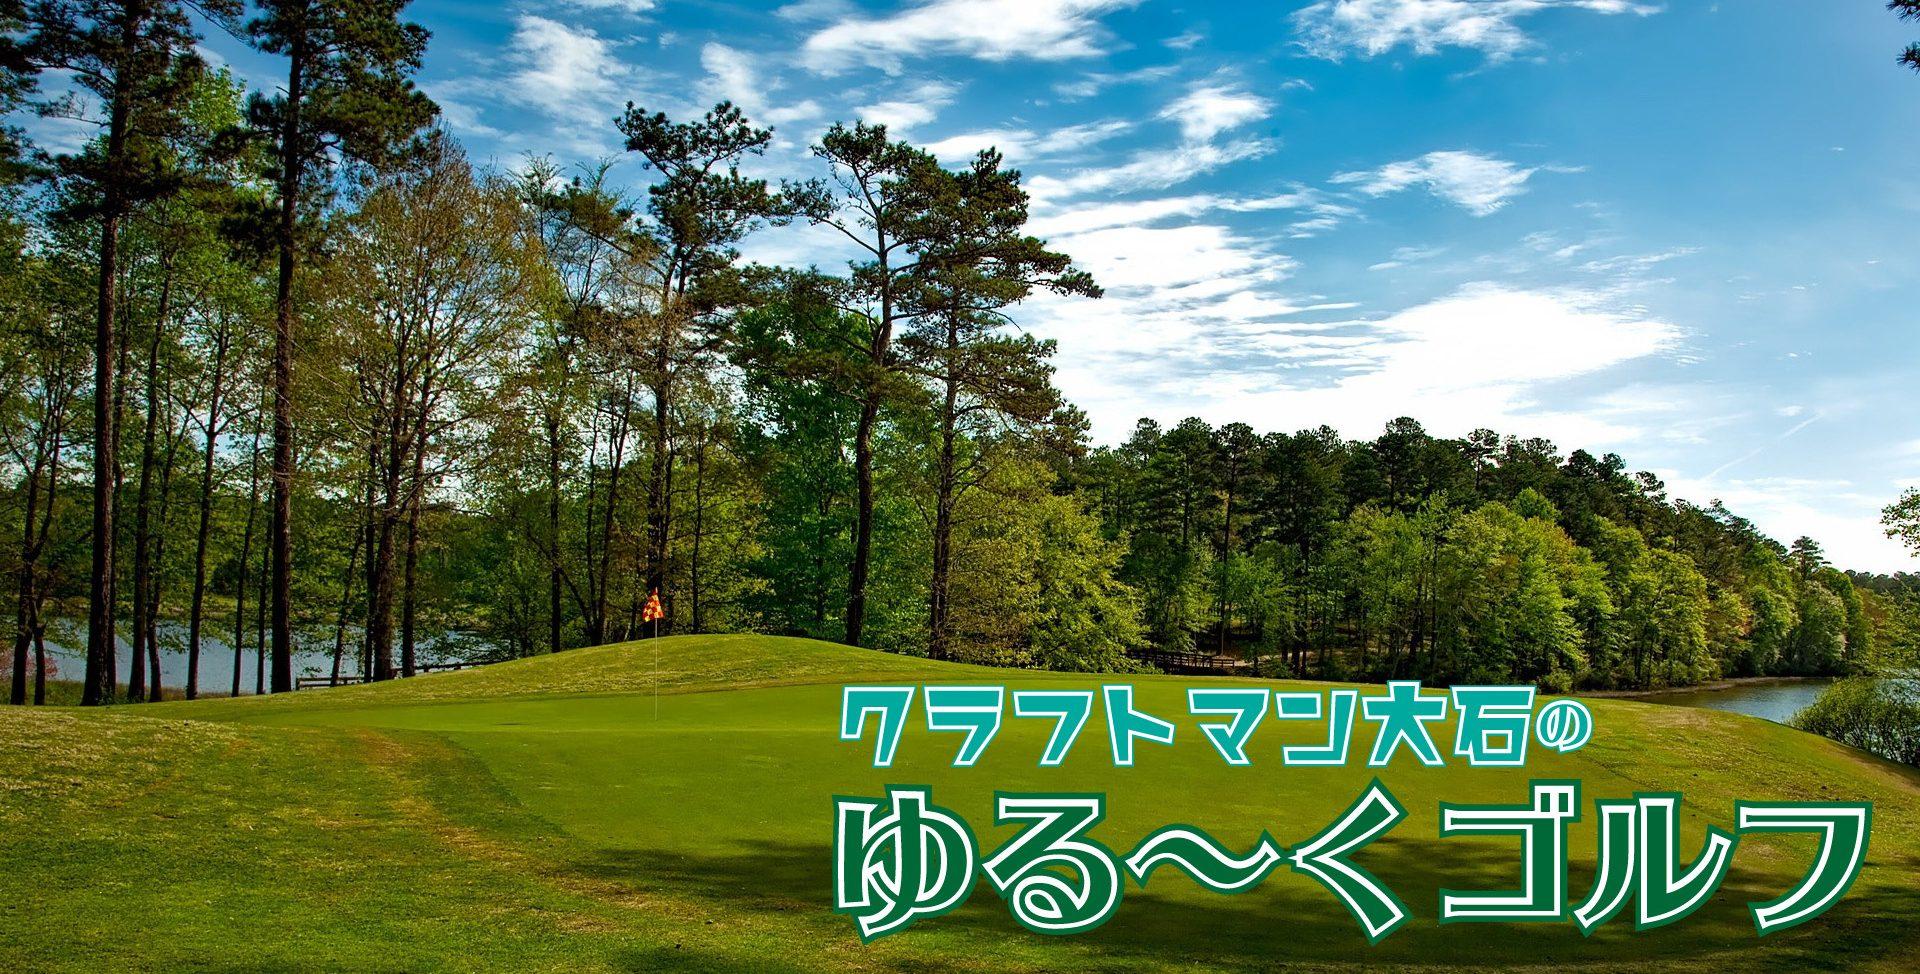 第2回 距離 – ゴルフコースは大きなお庭